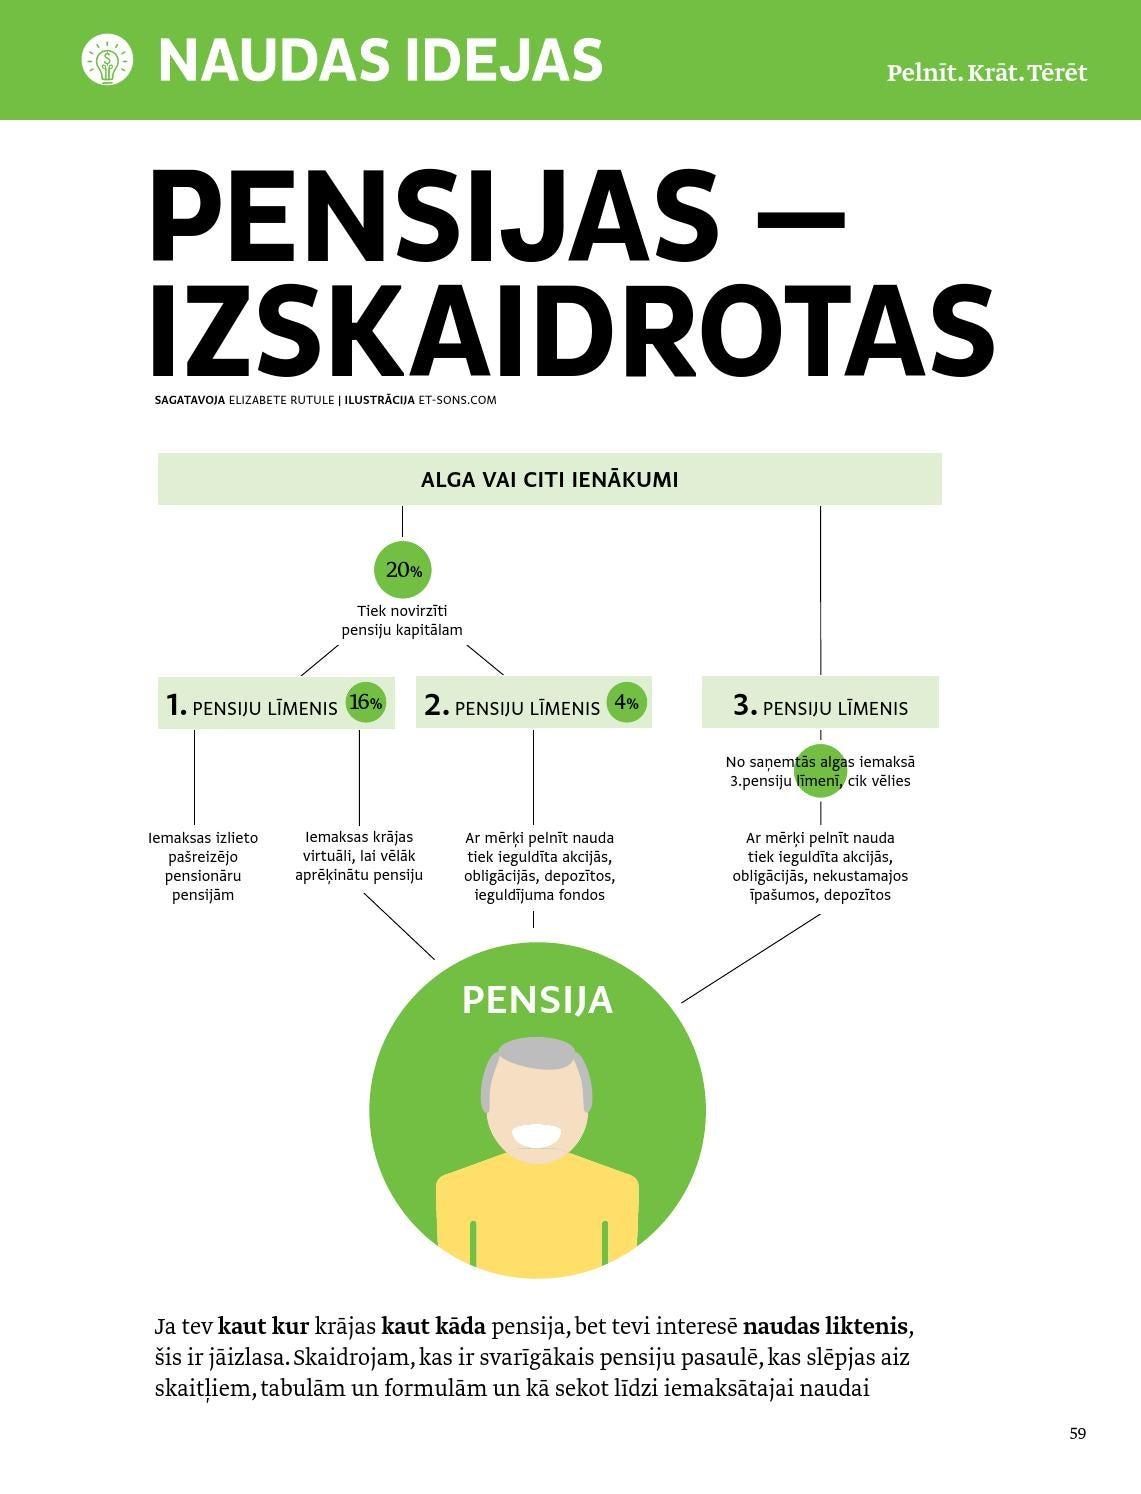 ko pensionārs var darīt, lai nopelnītu naudu